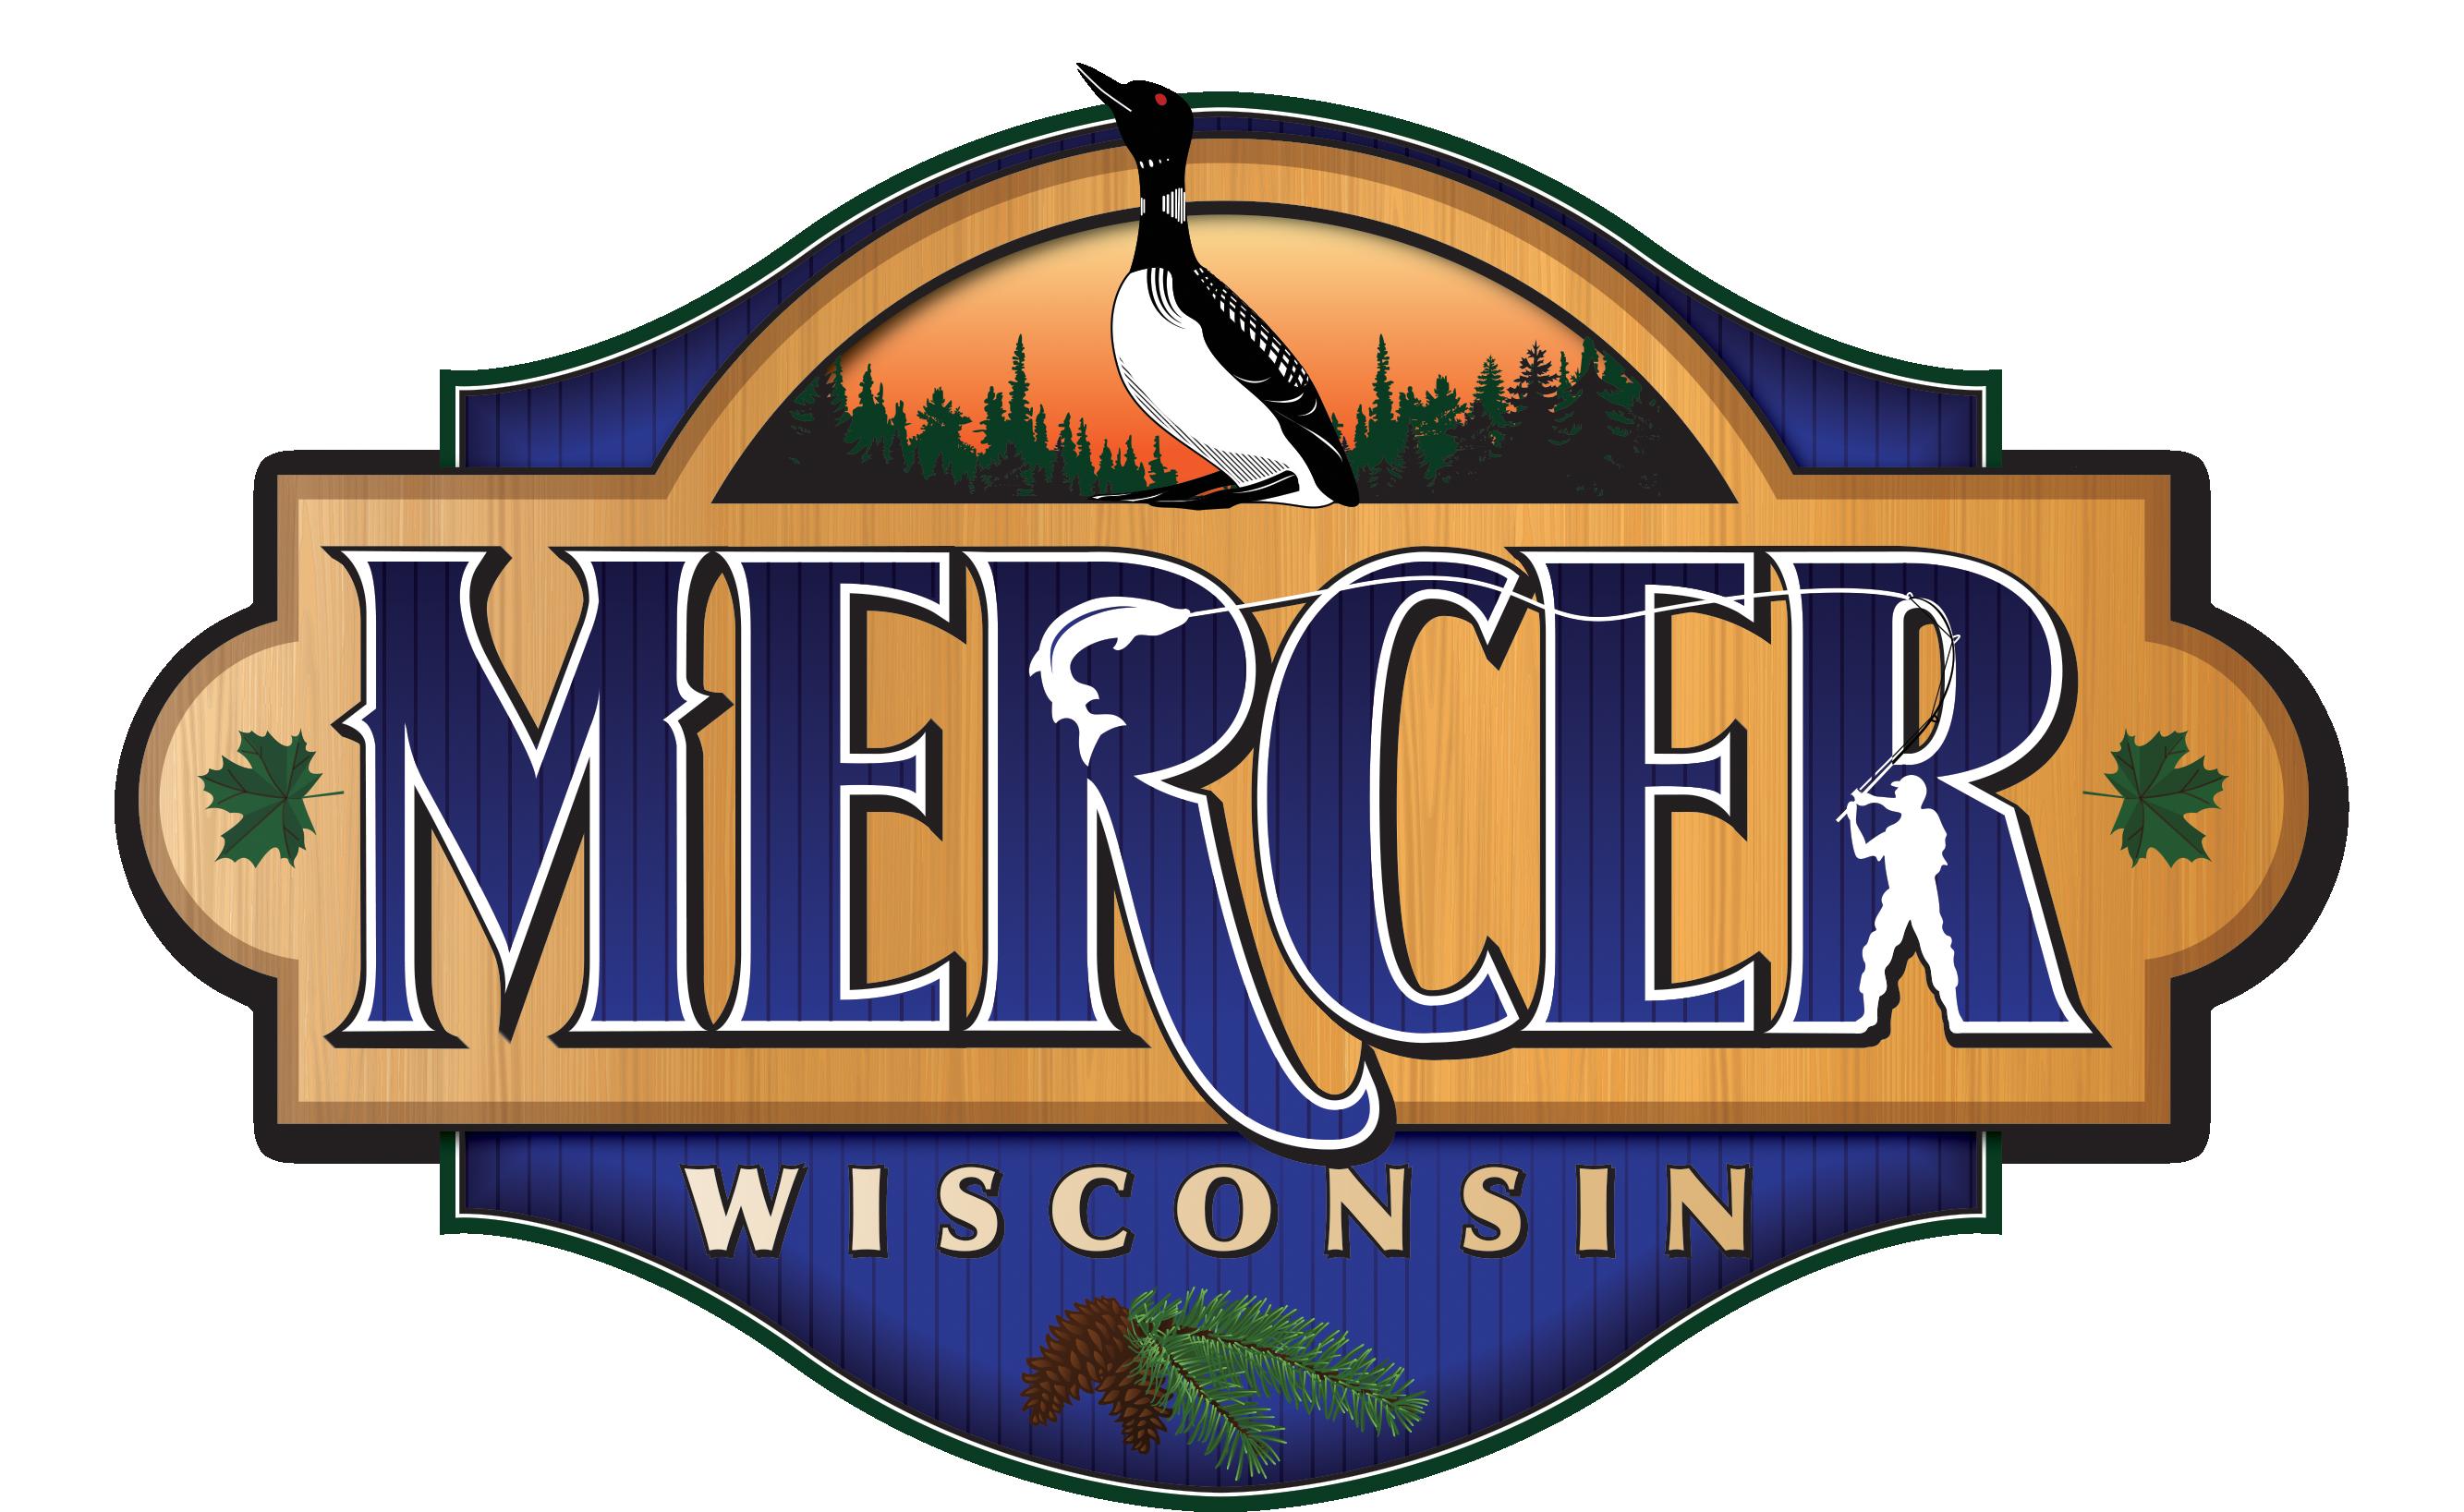 Mercer Chamber of Commerce